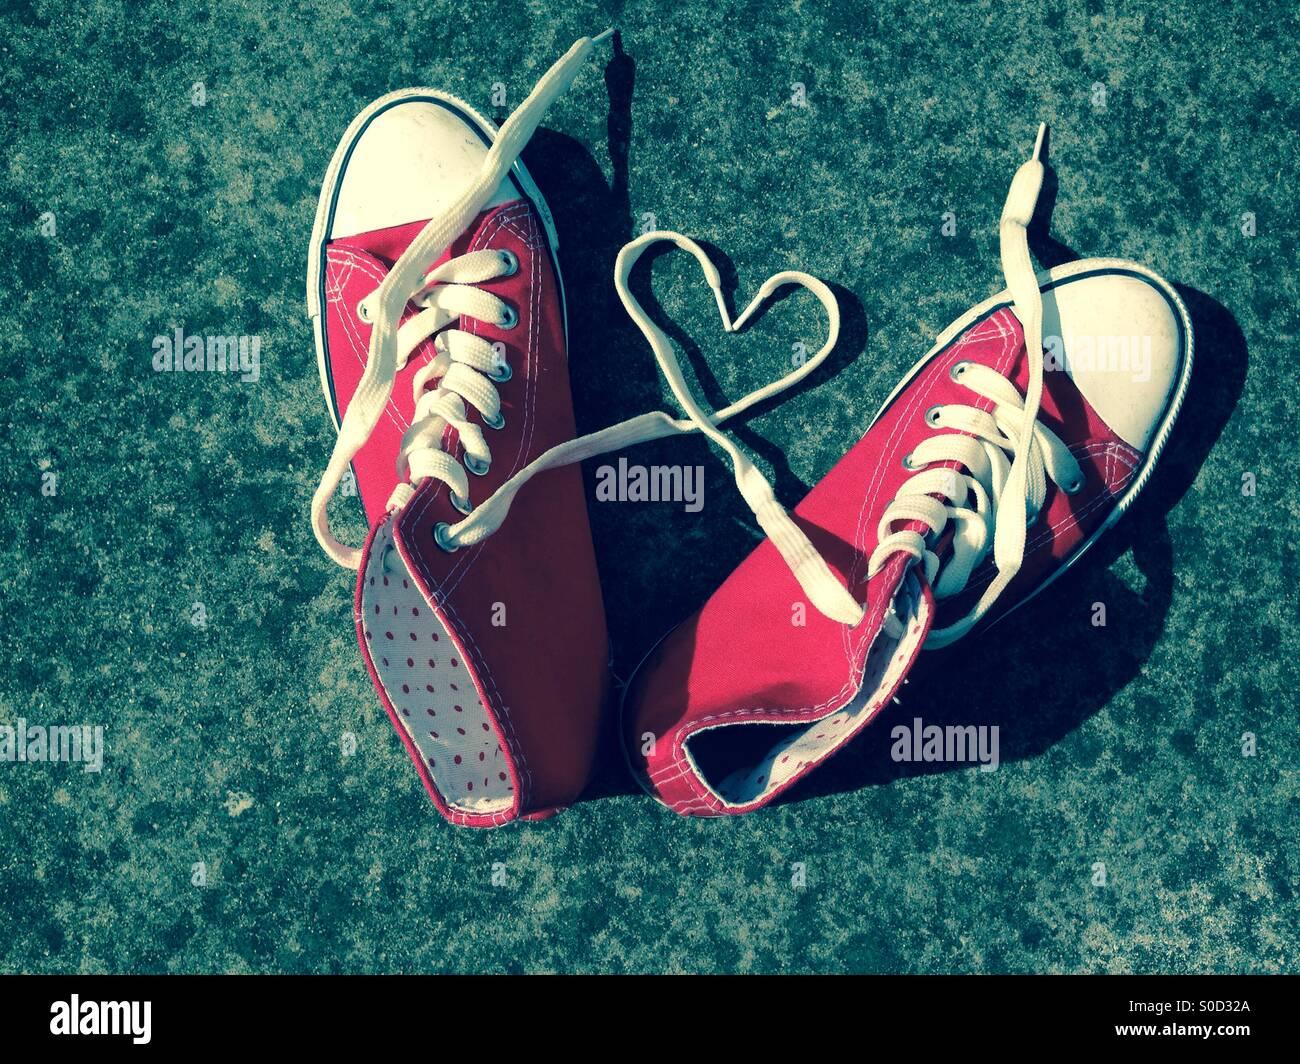 Coeur d'amour à lacets chaussures de sport chaussures de baseball rouge en forme de coeur Photo Stock